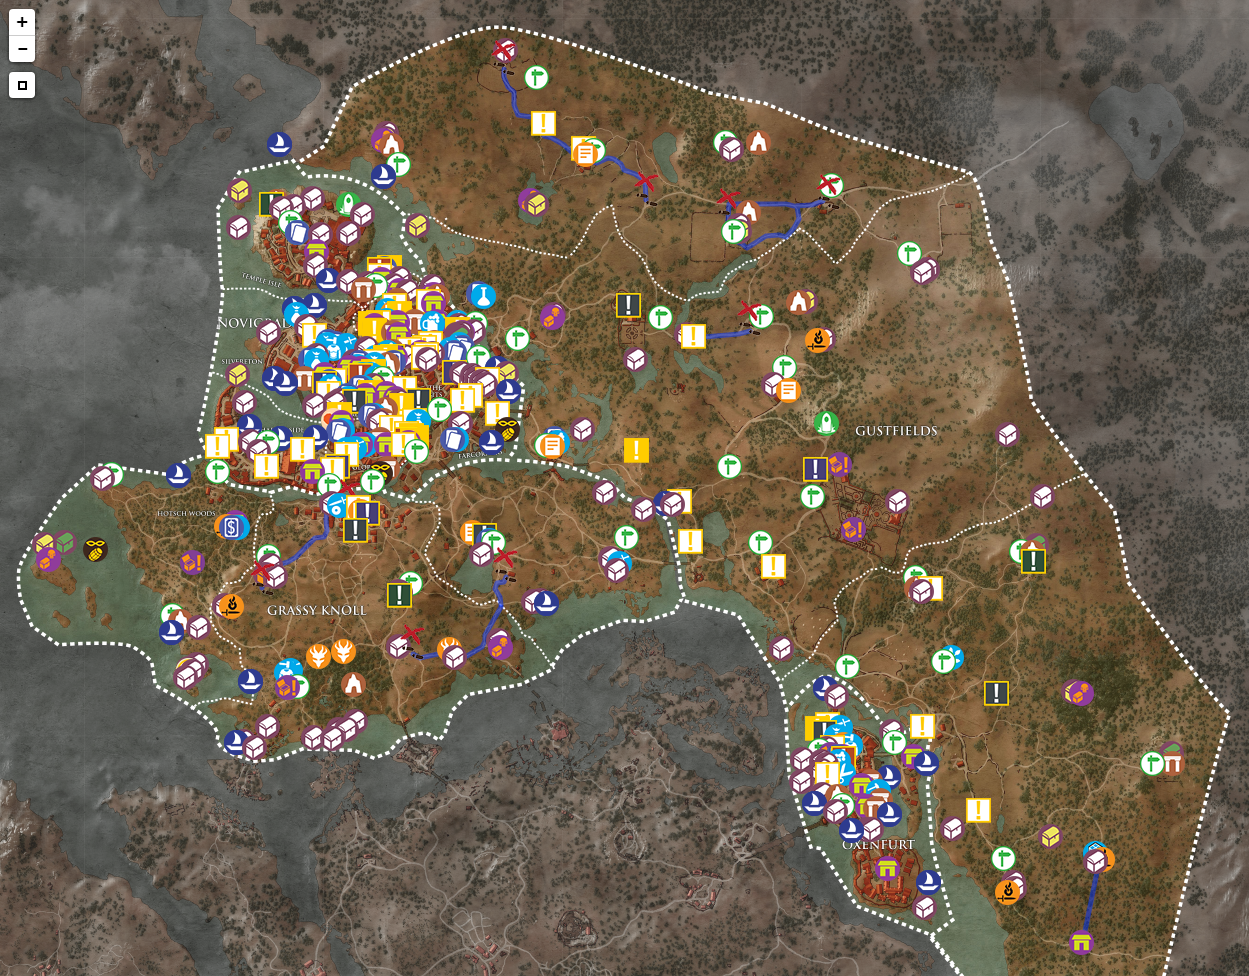 巫师3狂猎 官方高清中文标注全地图 全物品收集地图